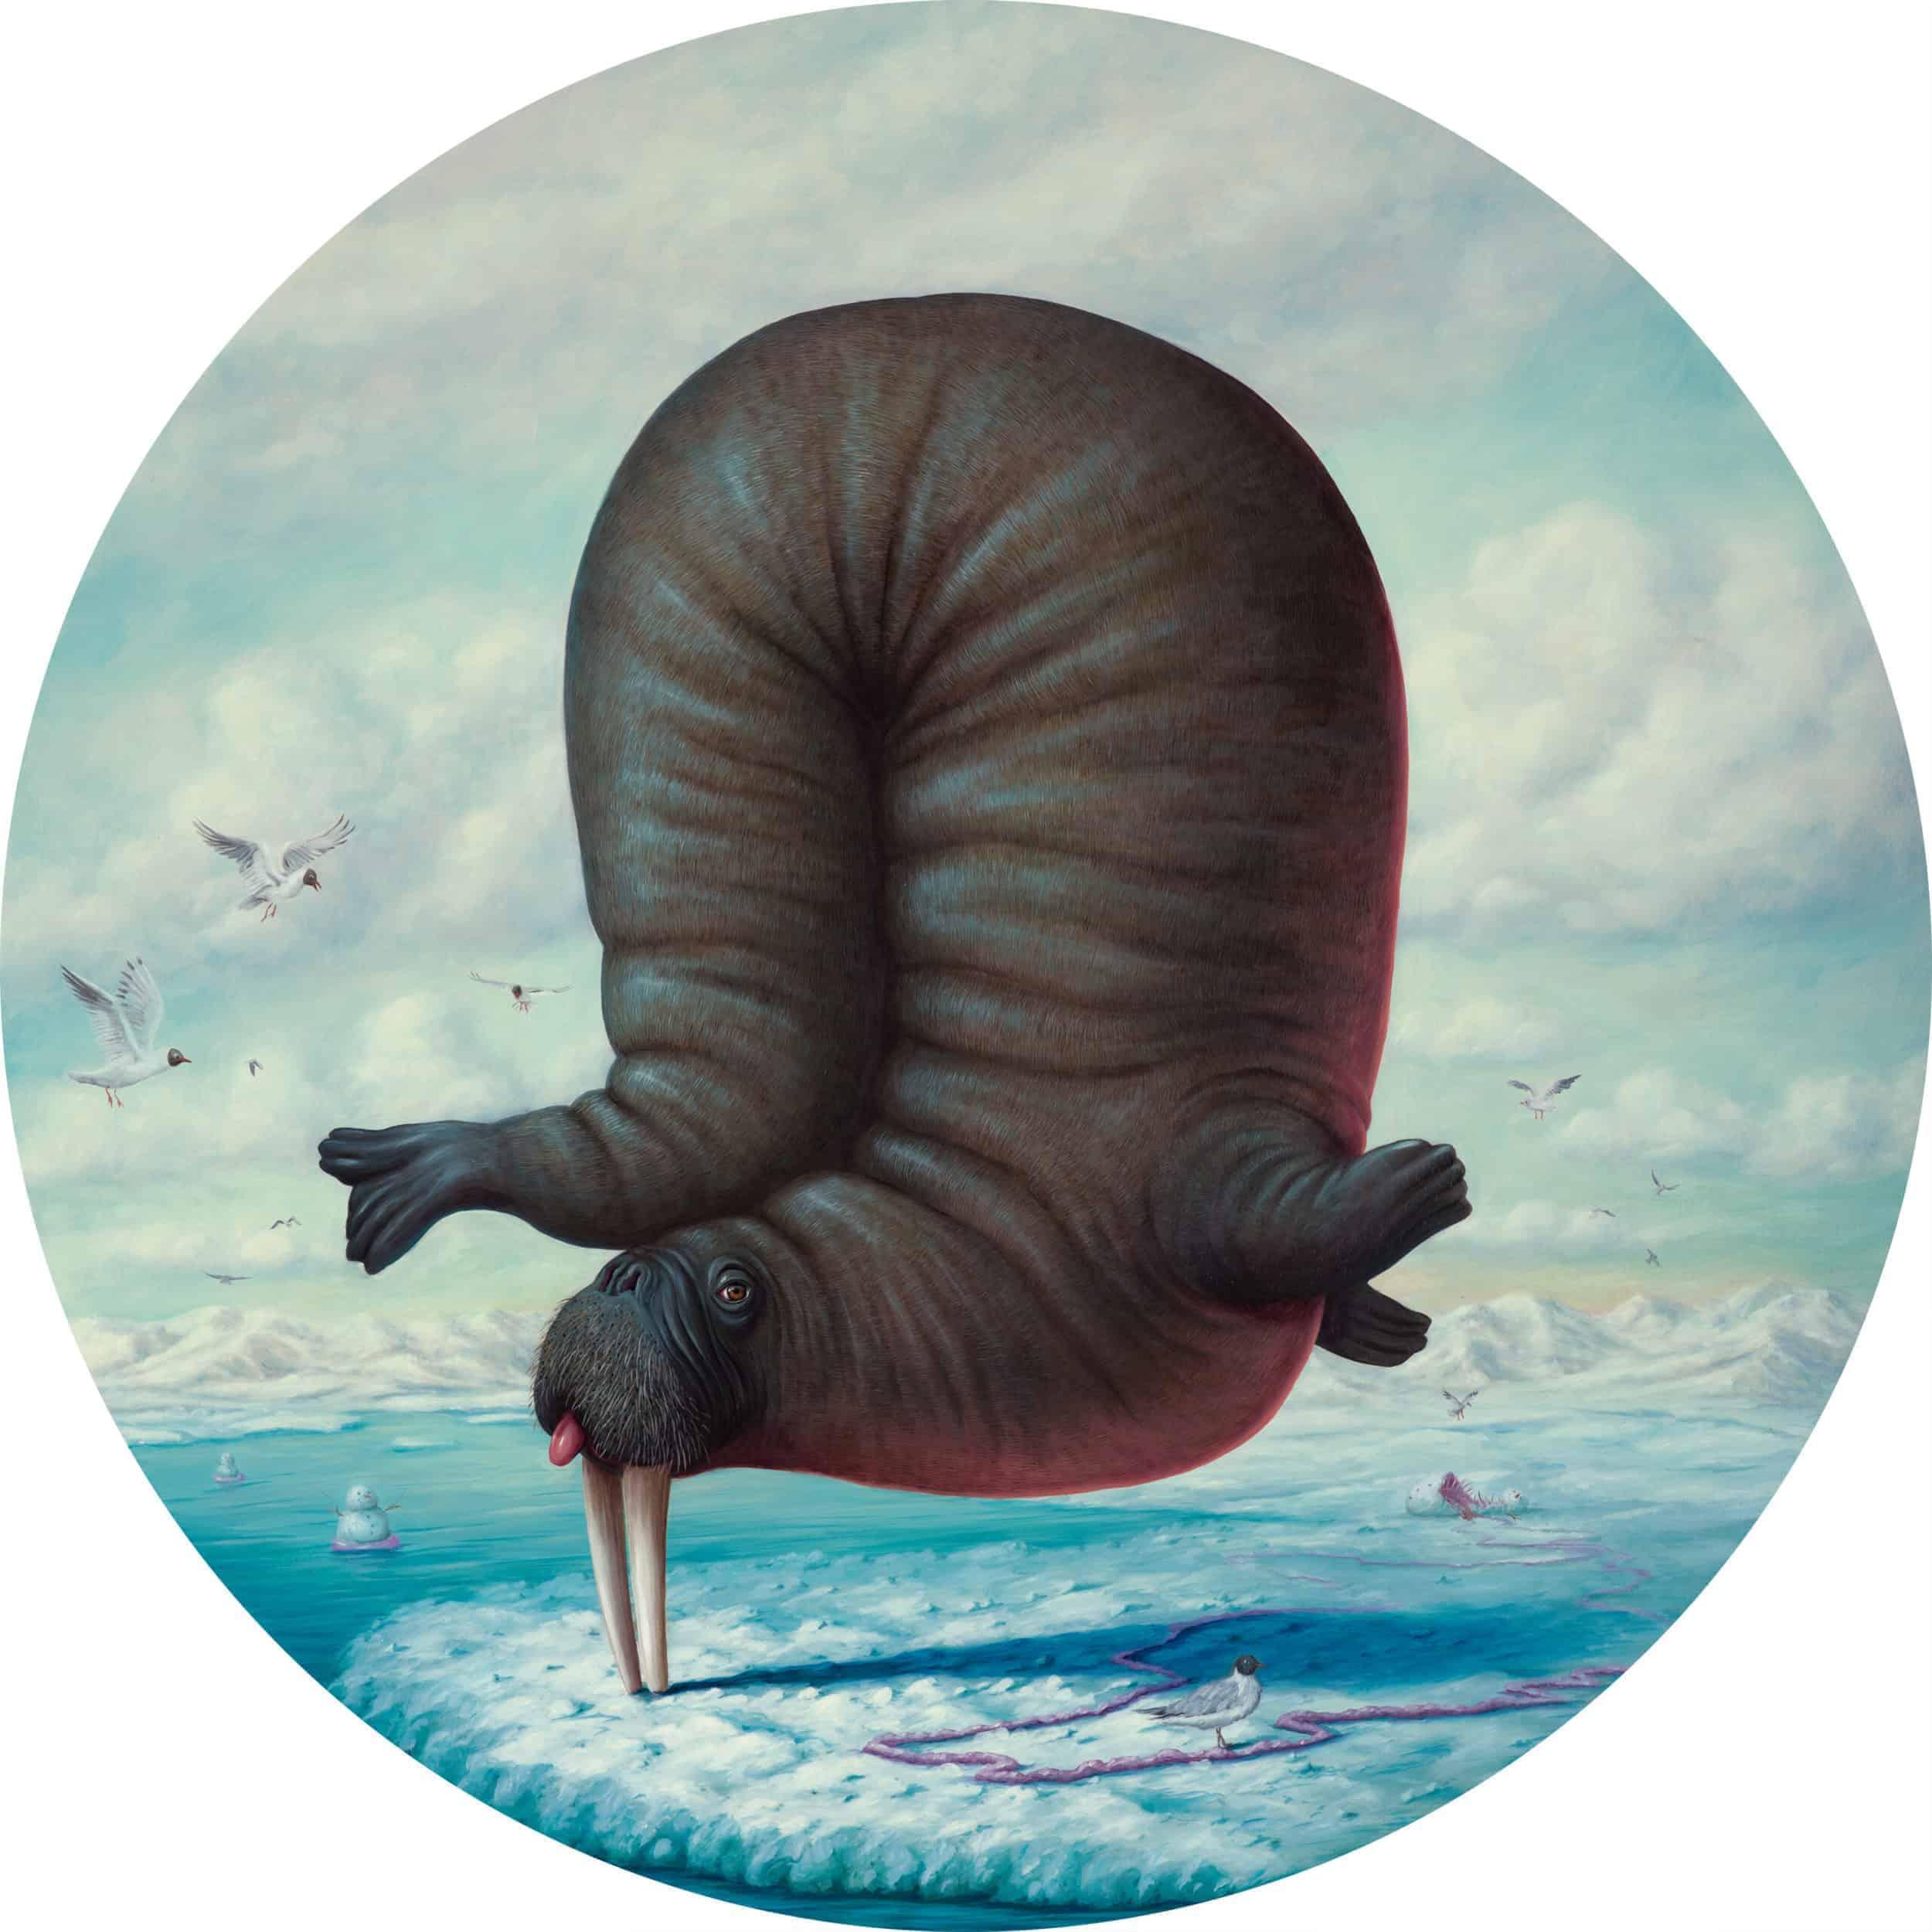 Dieren in absurde poses door Bruno Pontiroli